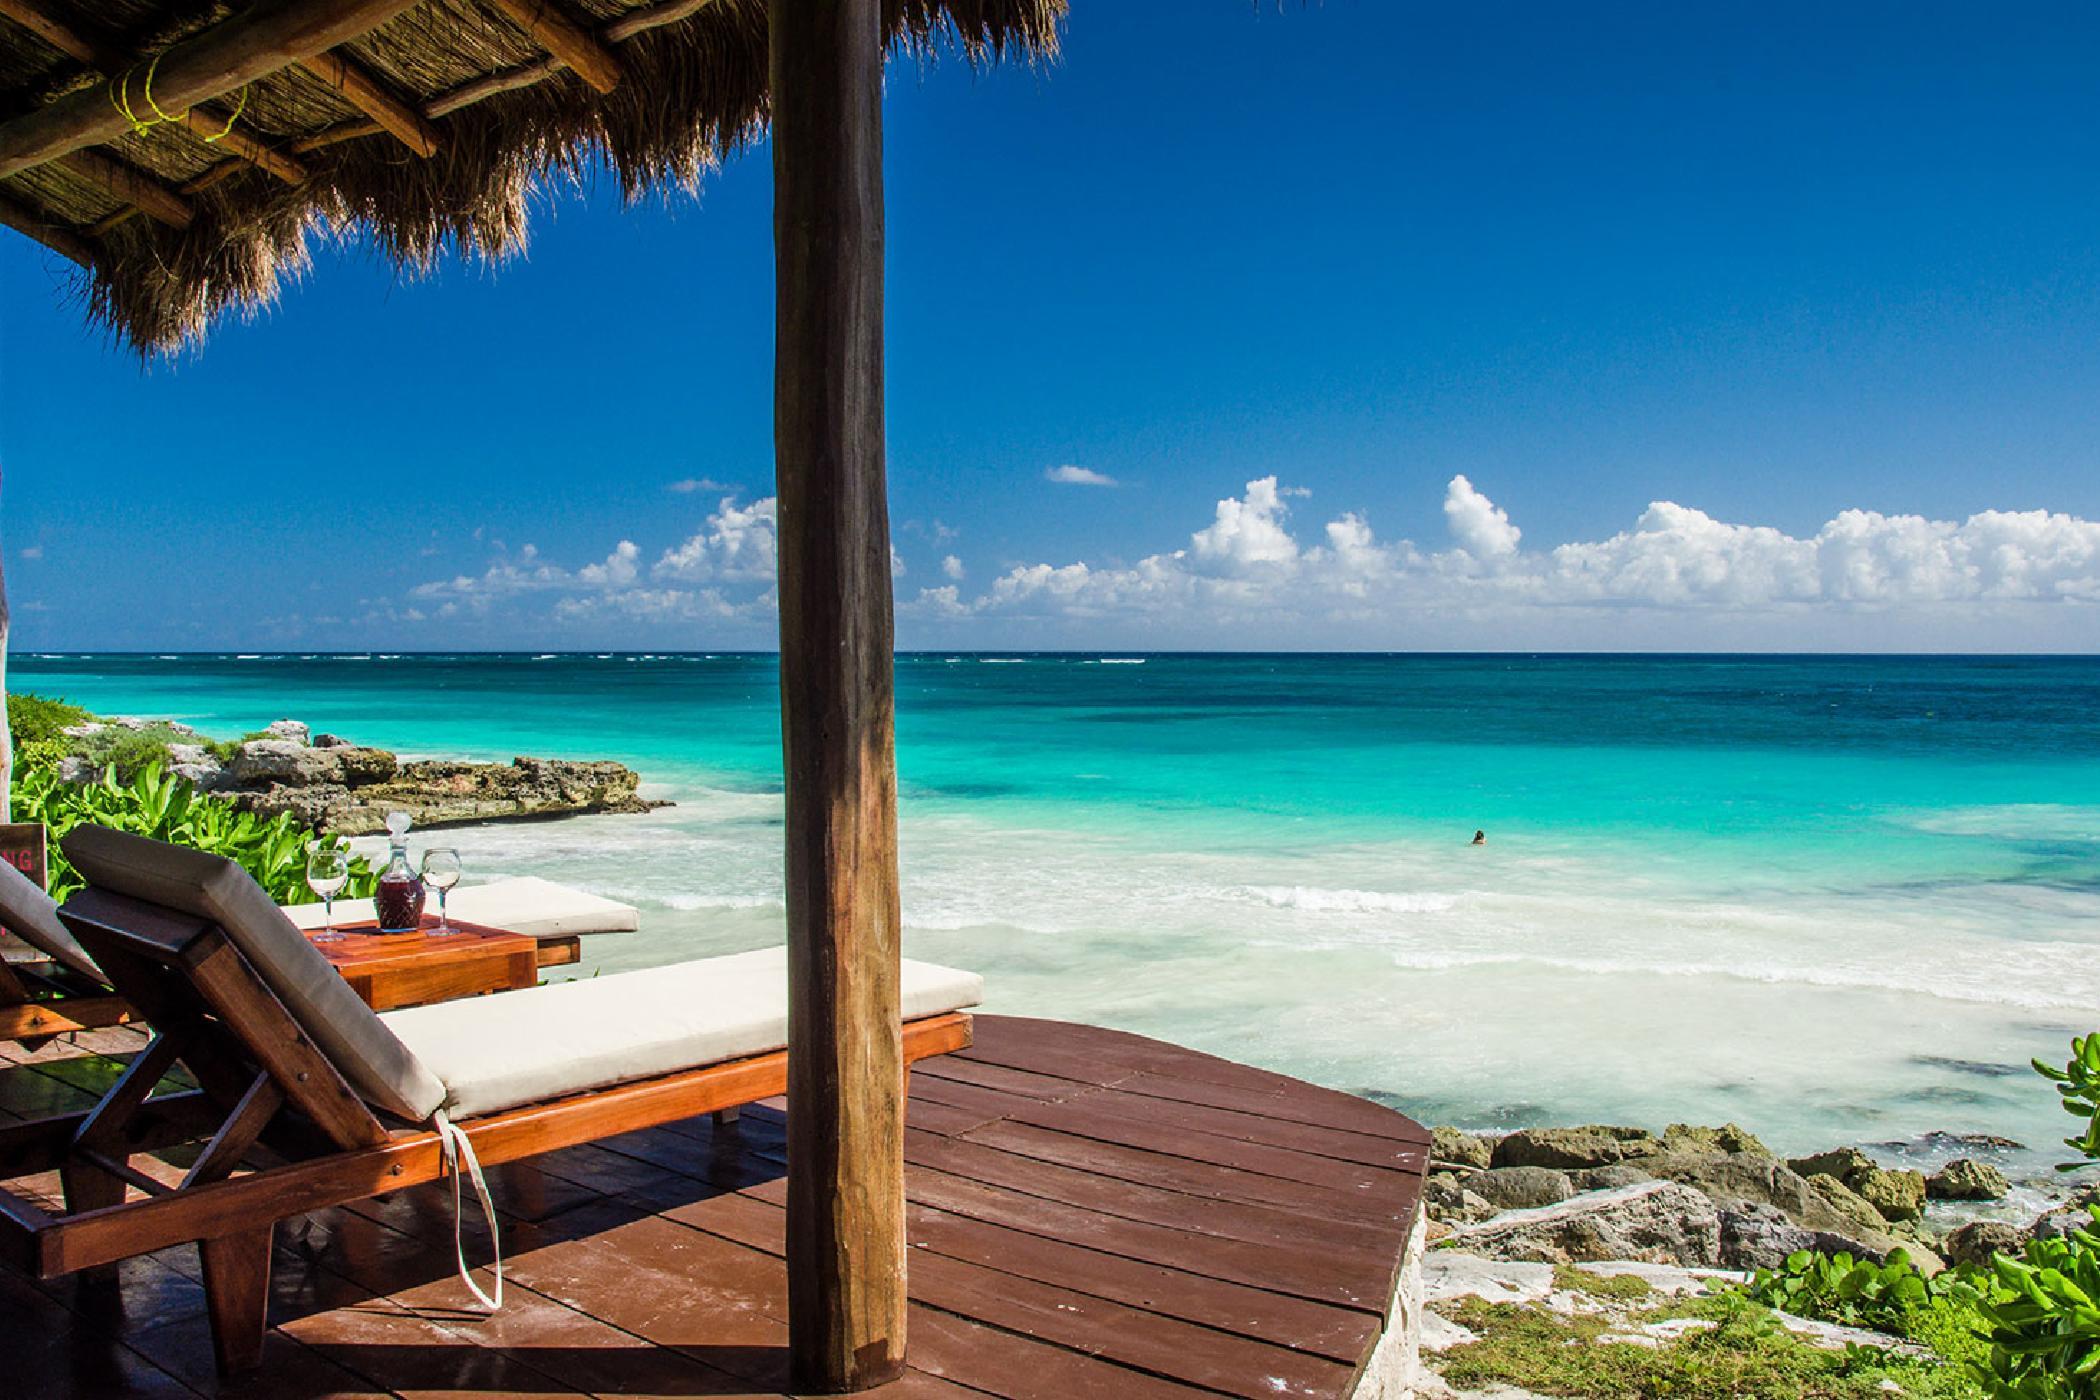 Maya_Luxe_Riviera_Maya_Luxury_Villas_Experiences_Tulum_Beach_5_Bedrooms_Villa_Miramar_5.jpg